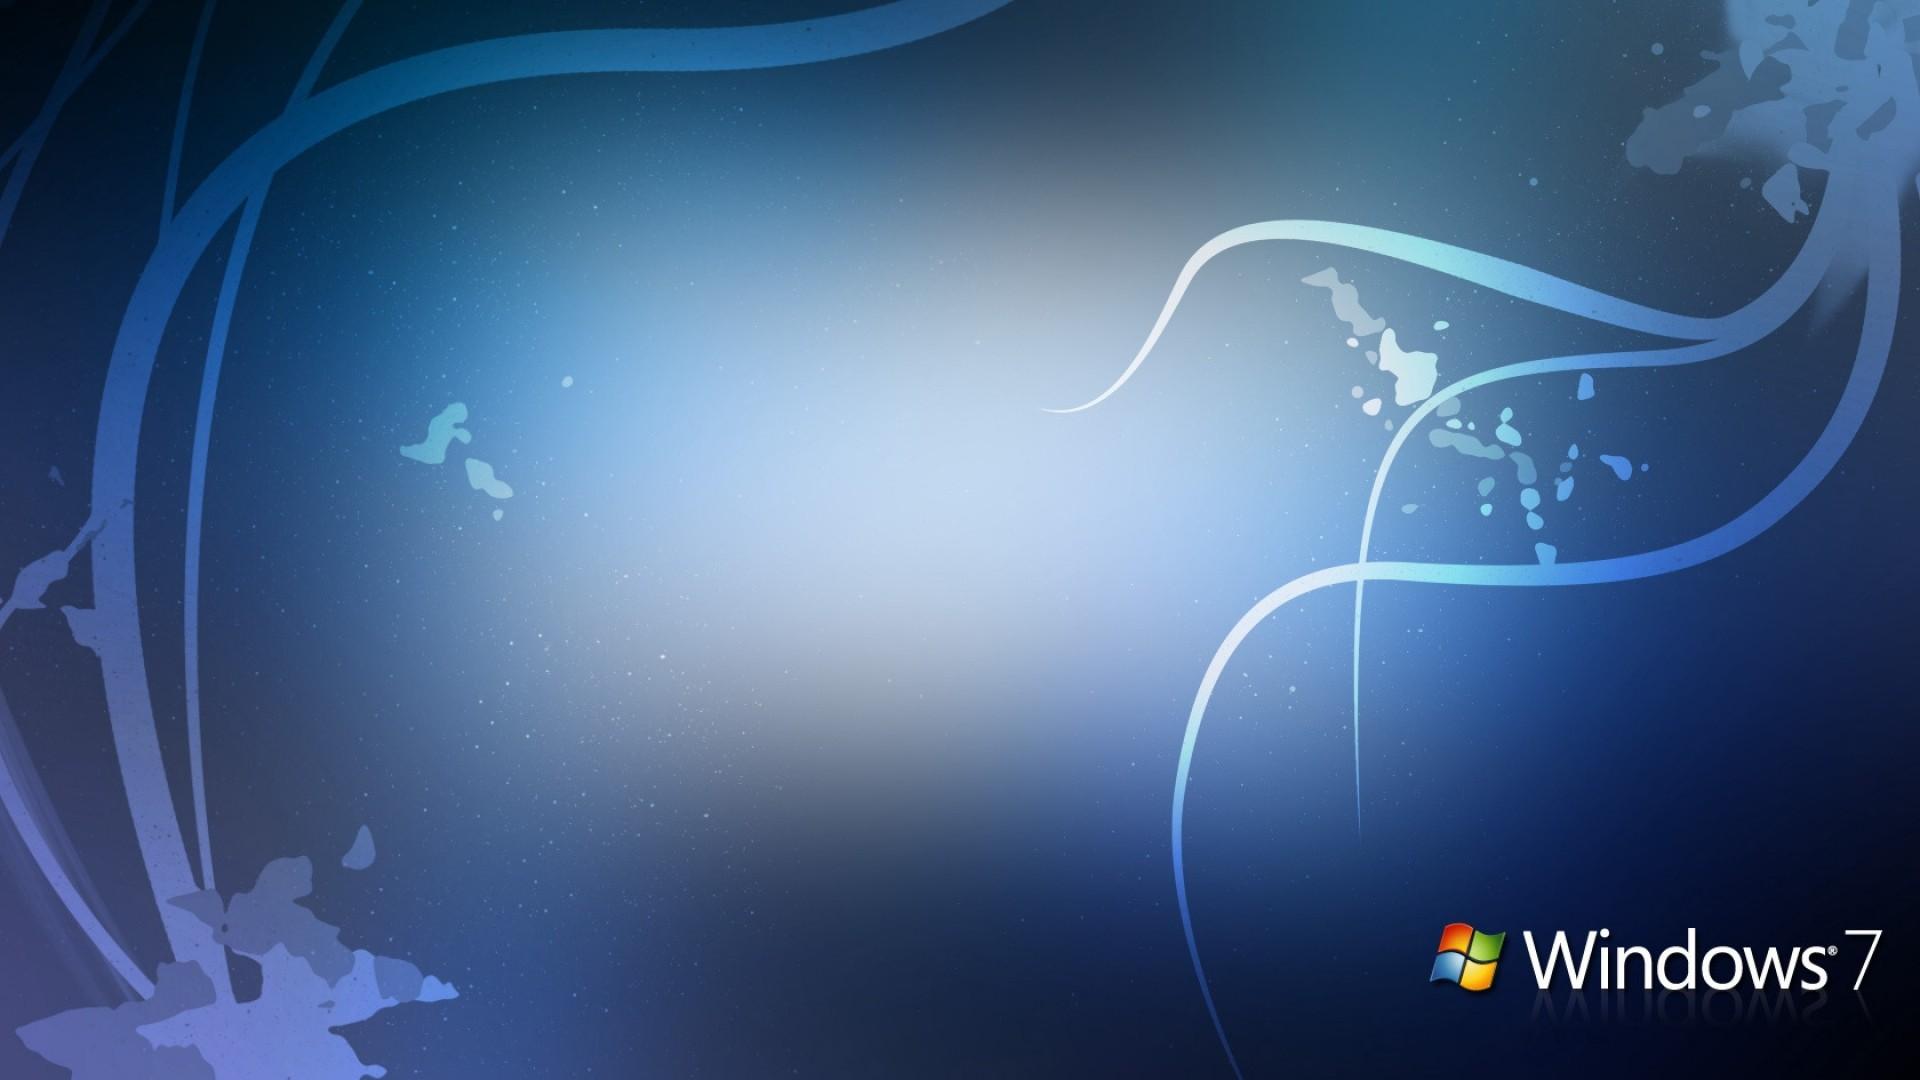 Desktop Wallpaper For Windows 7 (67+ Images